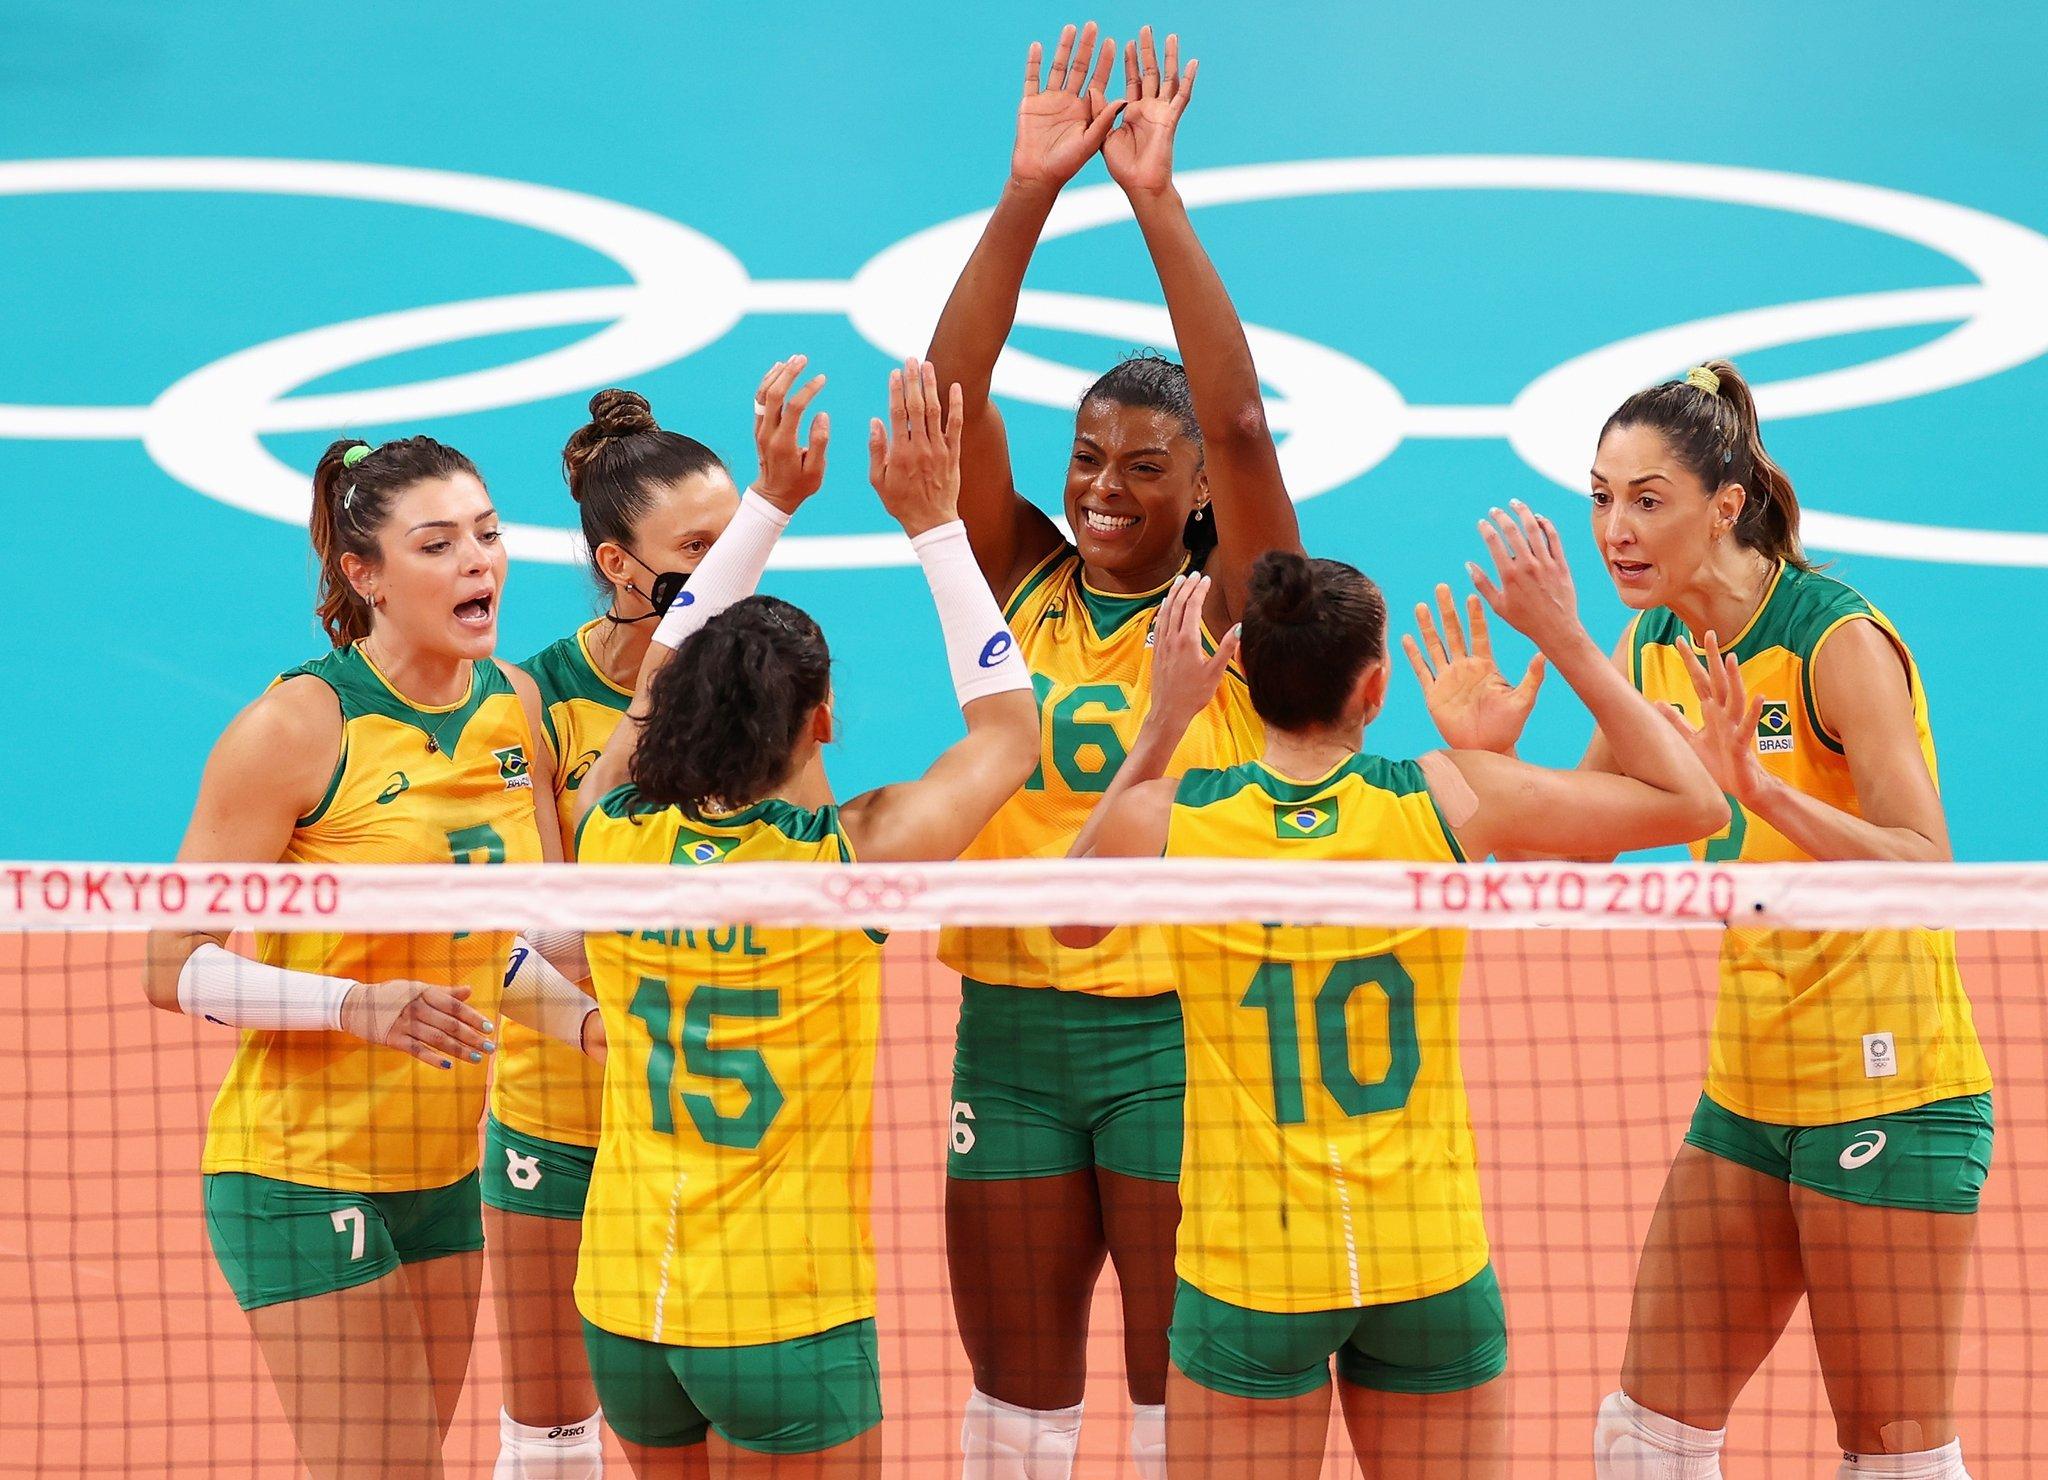 Rosamaria e o time Brasil de vôlei venceram a Coreia do Sul nas semifinais em Tóquio- Foto: Julio Cesar Guimarães/COB